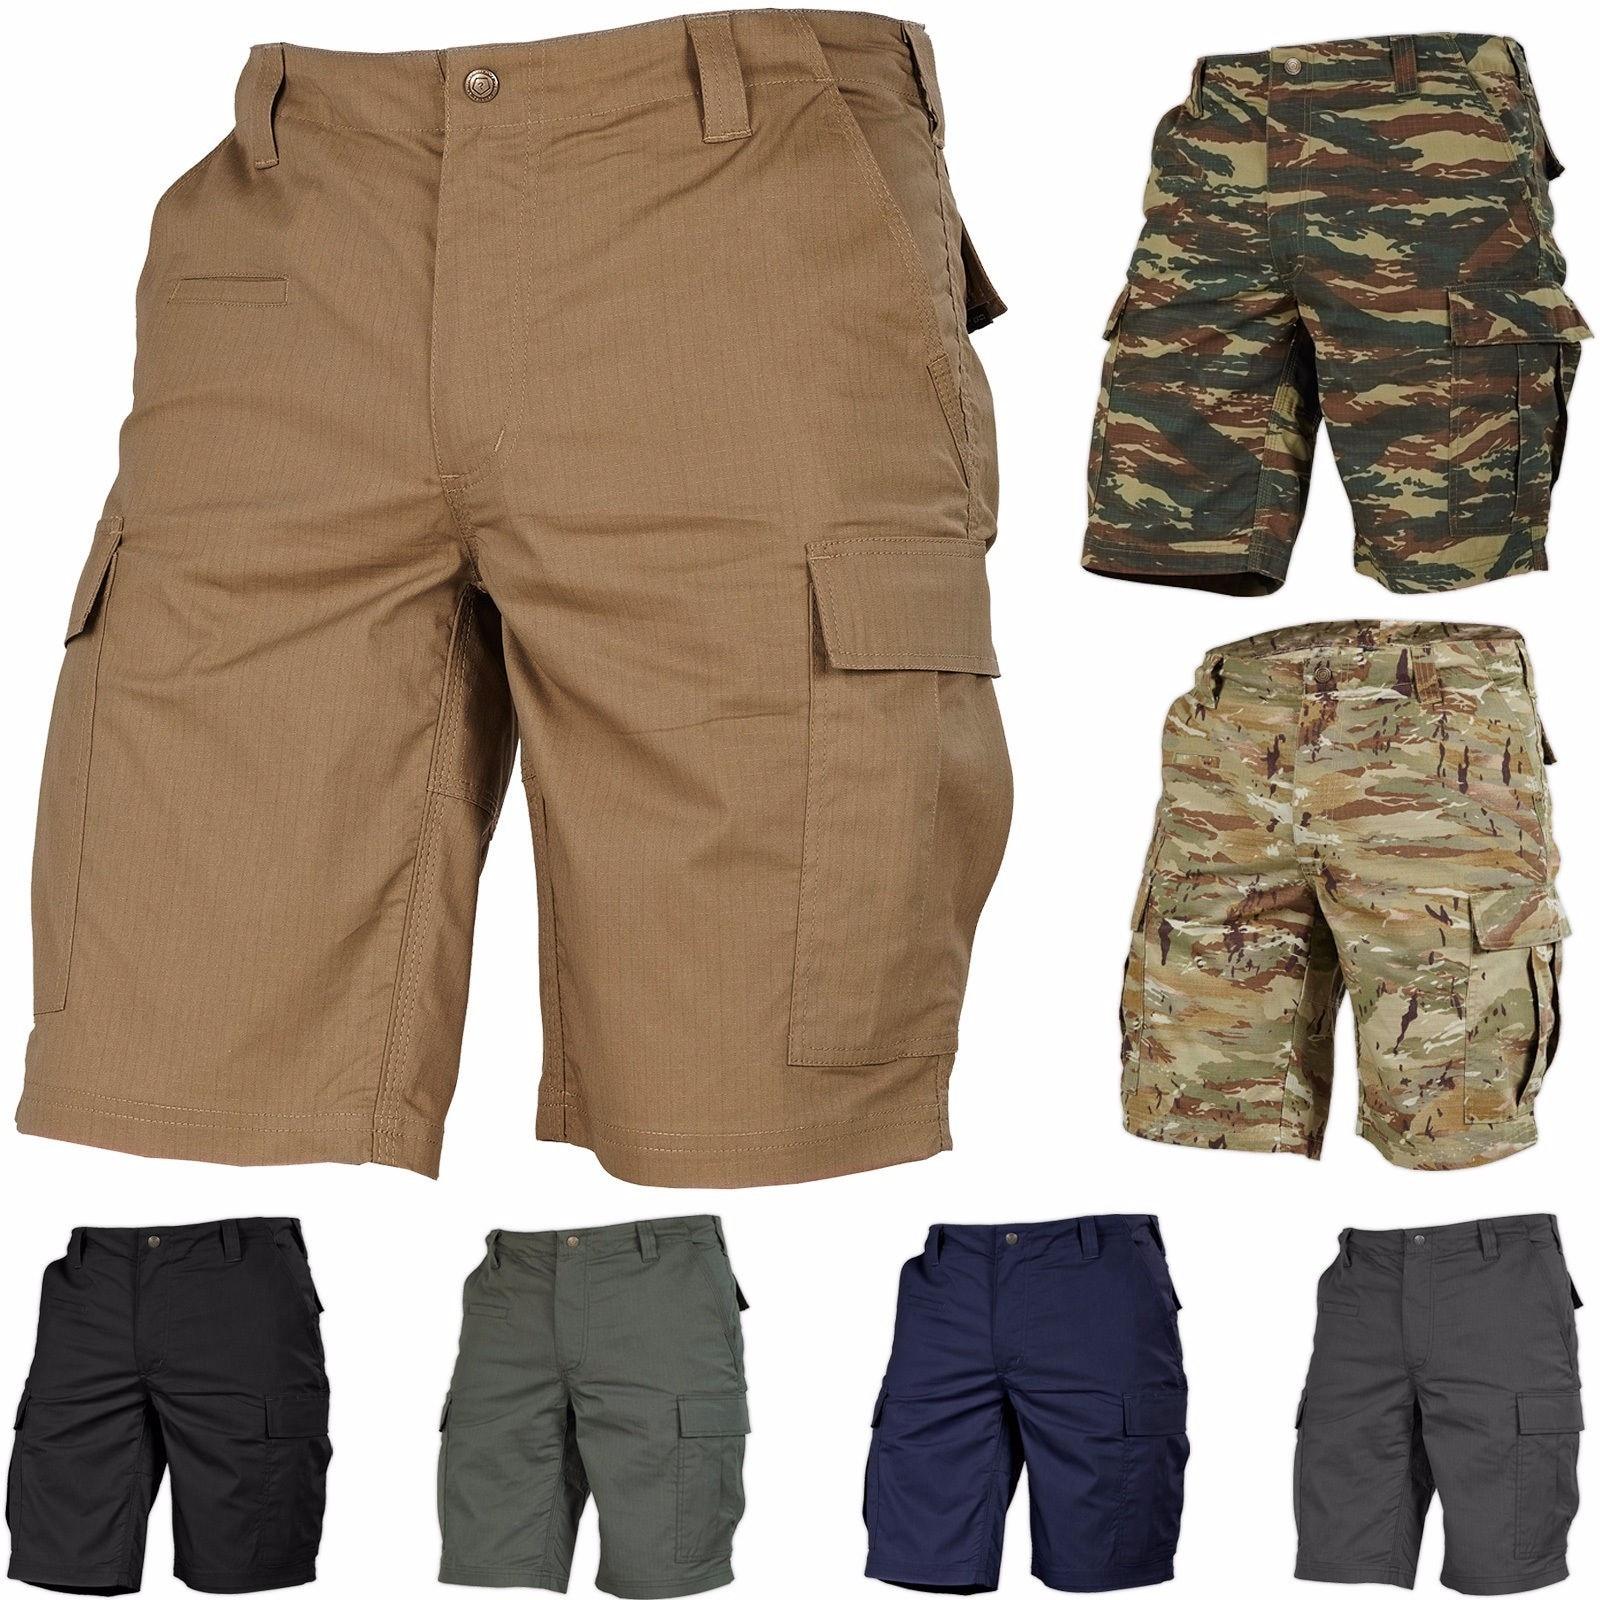 Новинка 2021, мужские шорты ZOGAA для спорта и отдыха, хлопковые дышащие однотонные шорты для фитнеса, тренировок, бега, спорта, фитнеса